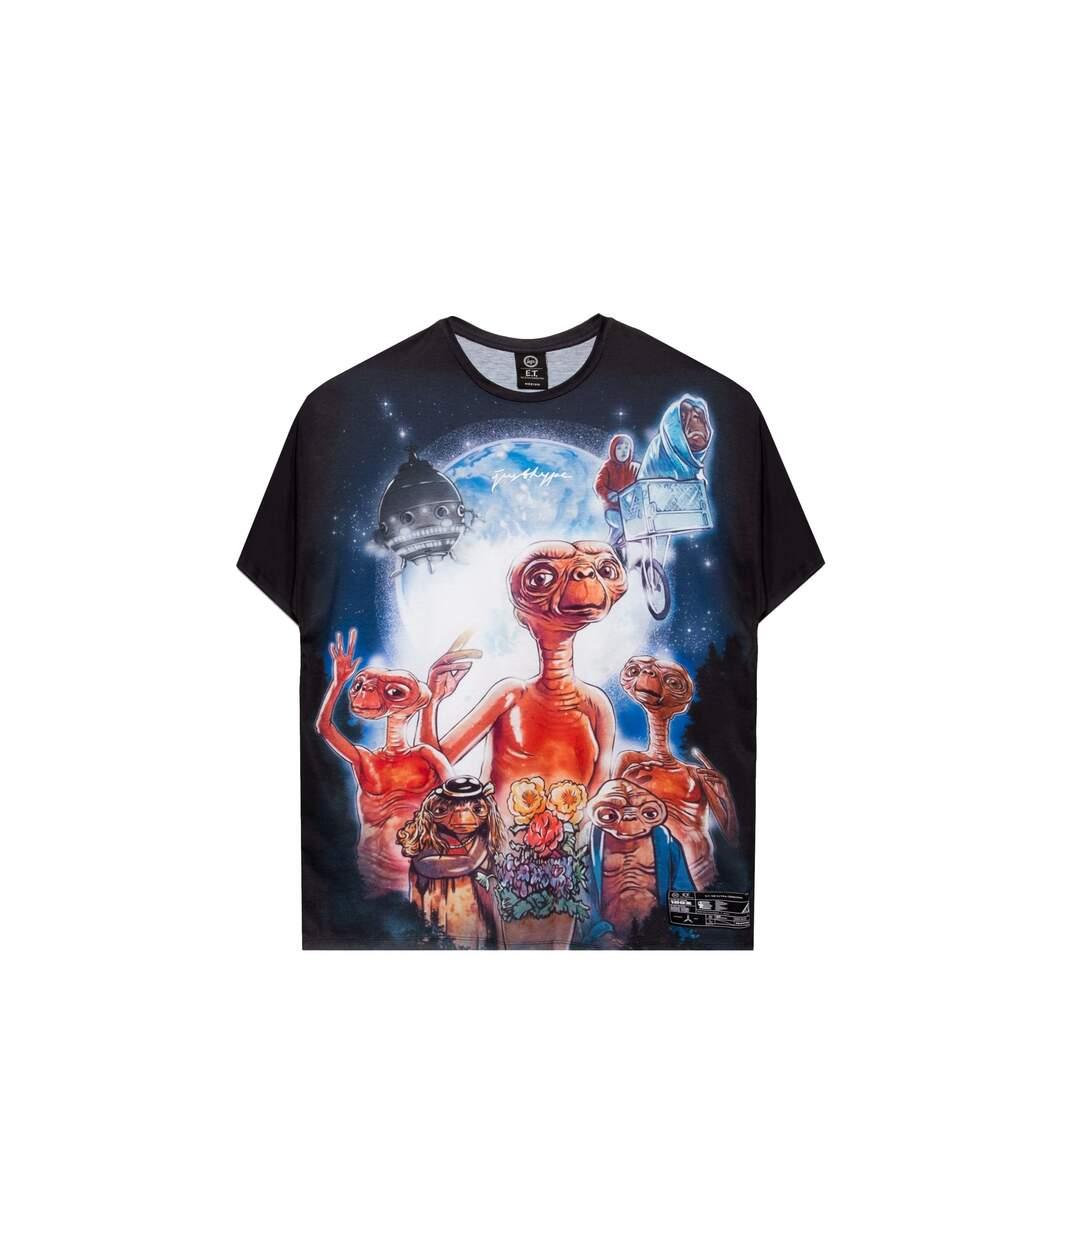 Hype T-shirt unisexe adulte graphique E.T surdimensionné (Multicolore) - UTHY4669